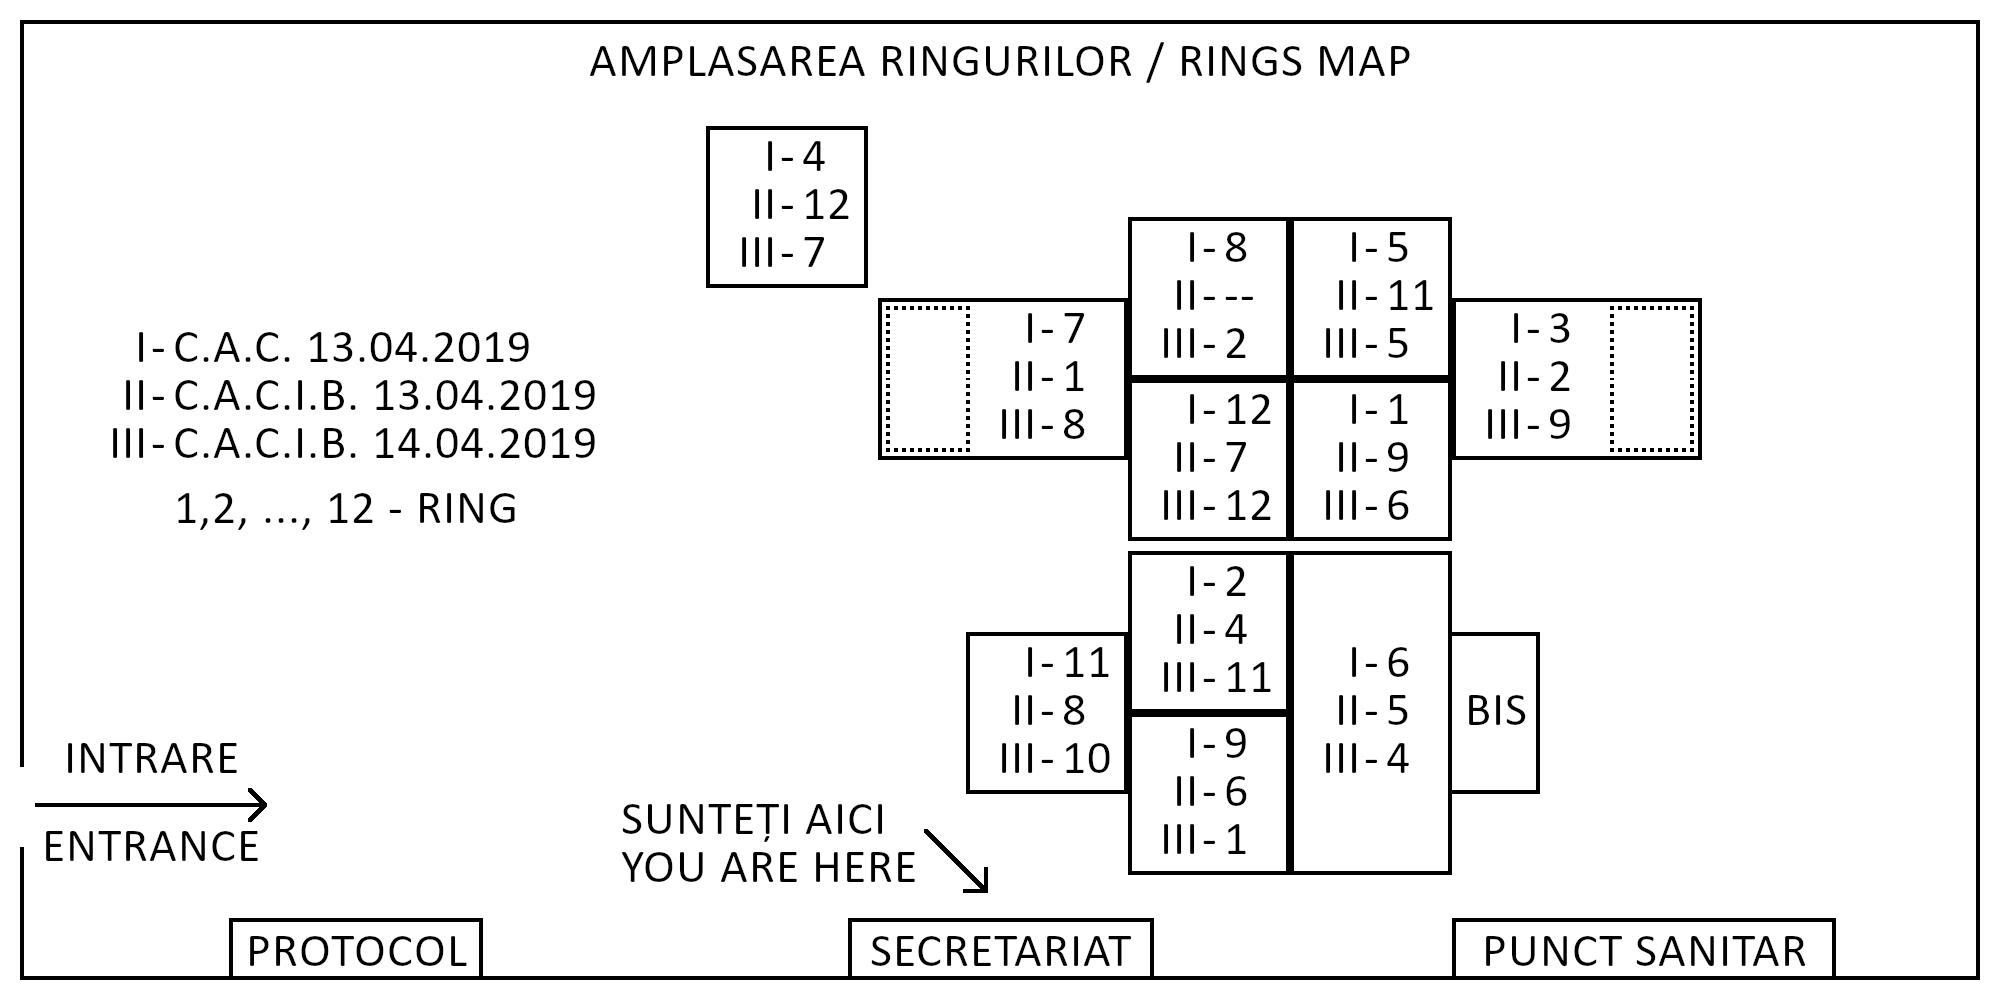 Ring map